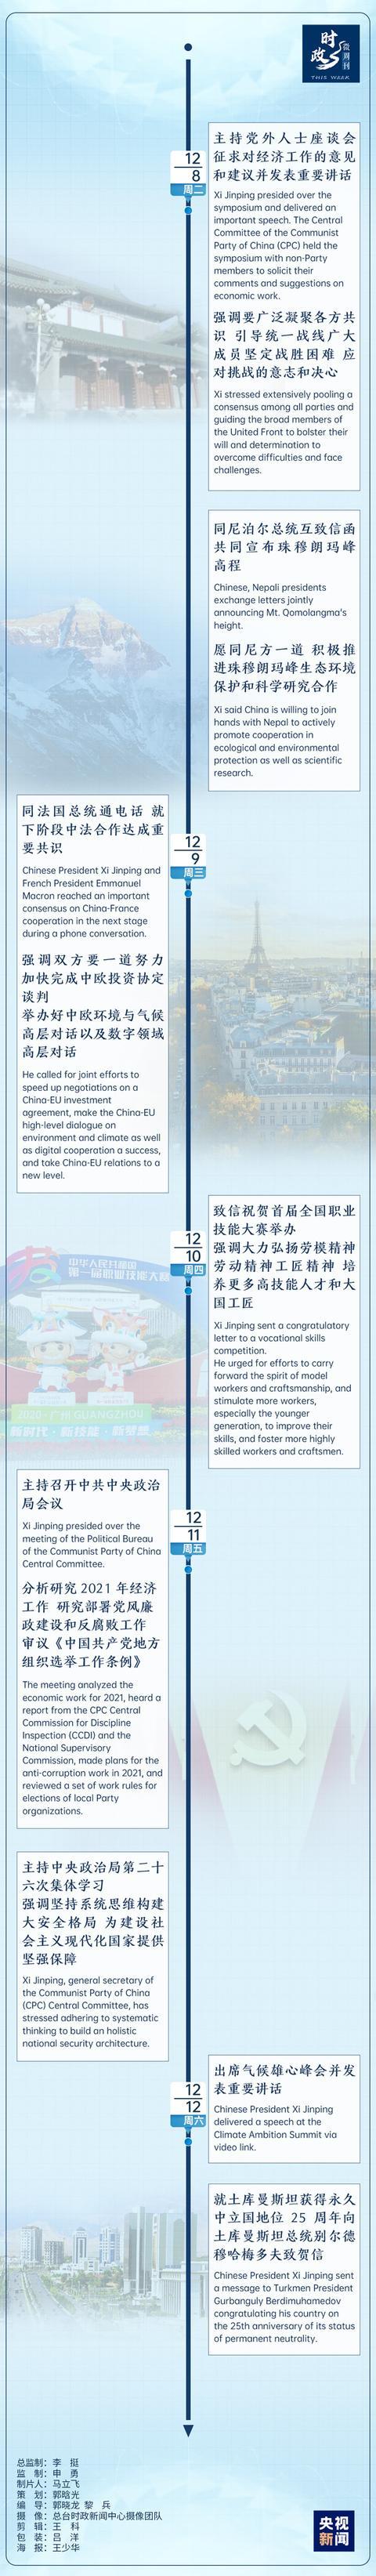 时政微周刊丨总书记的一周(12月7日—12月13日)